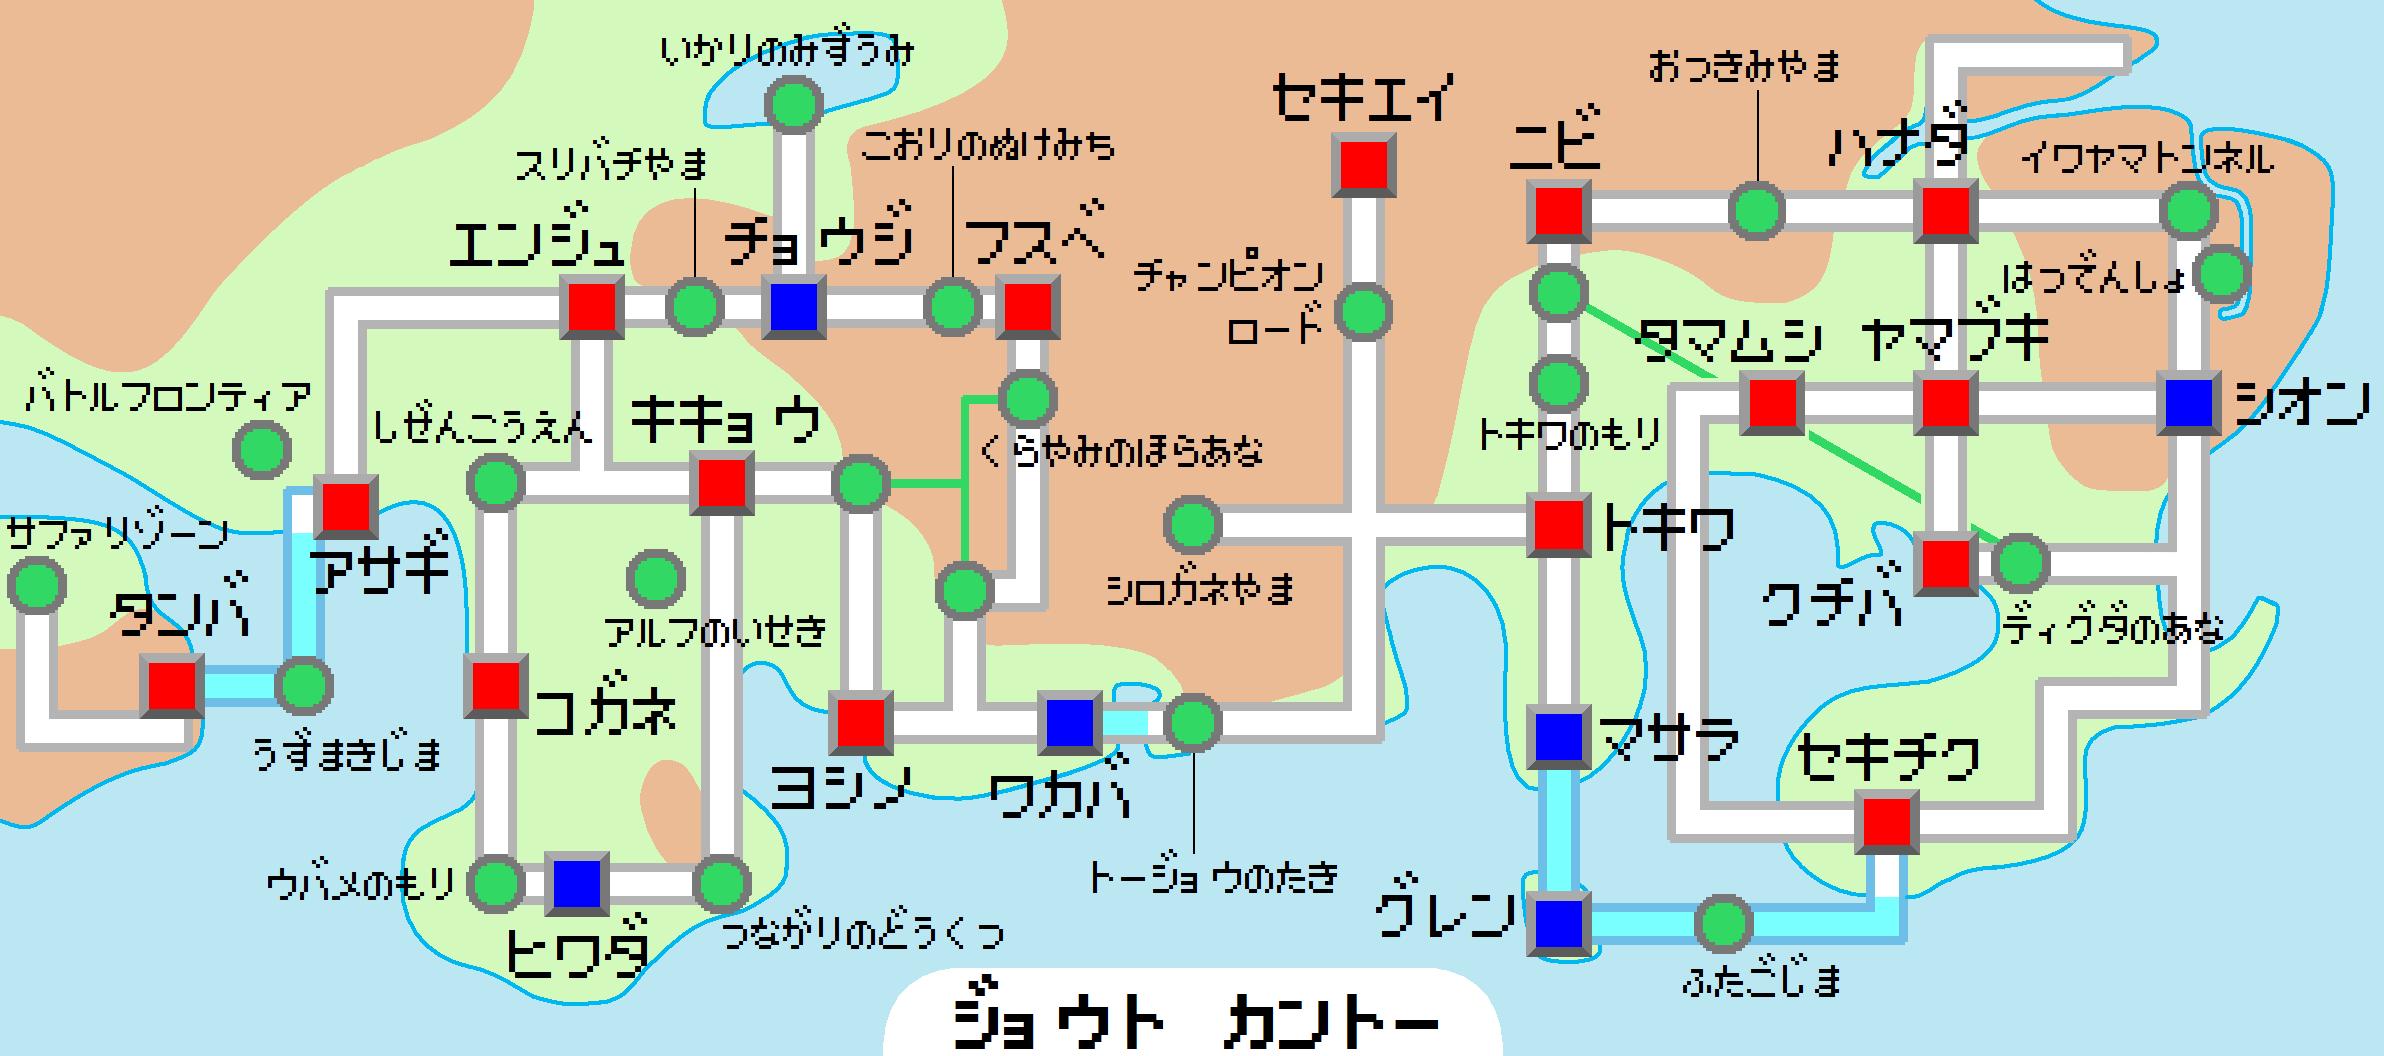 パズル 地図パズル : Pokemon Johto Map